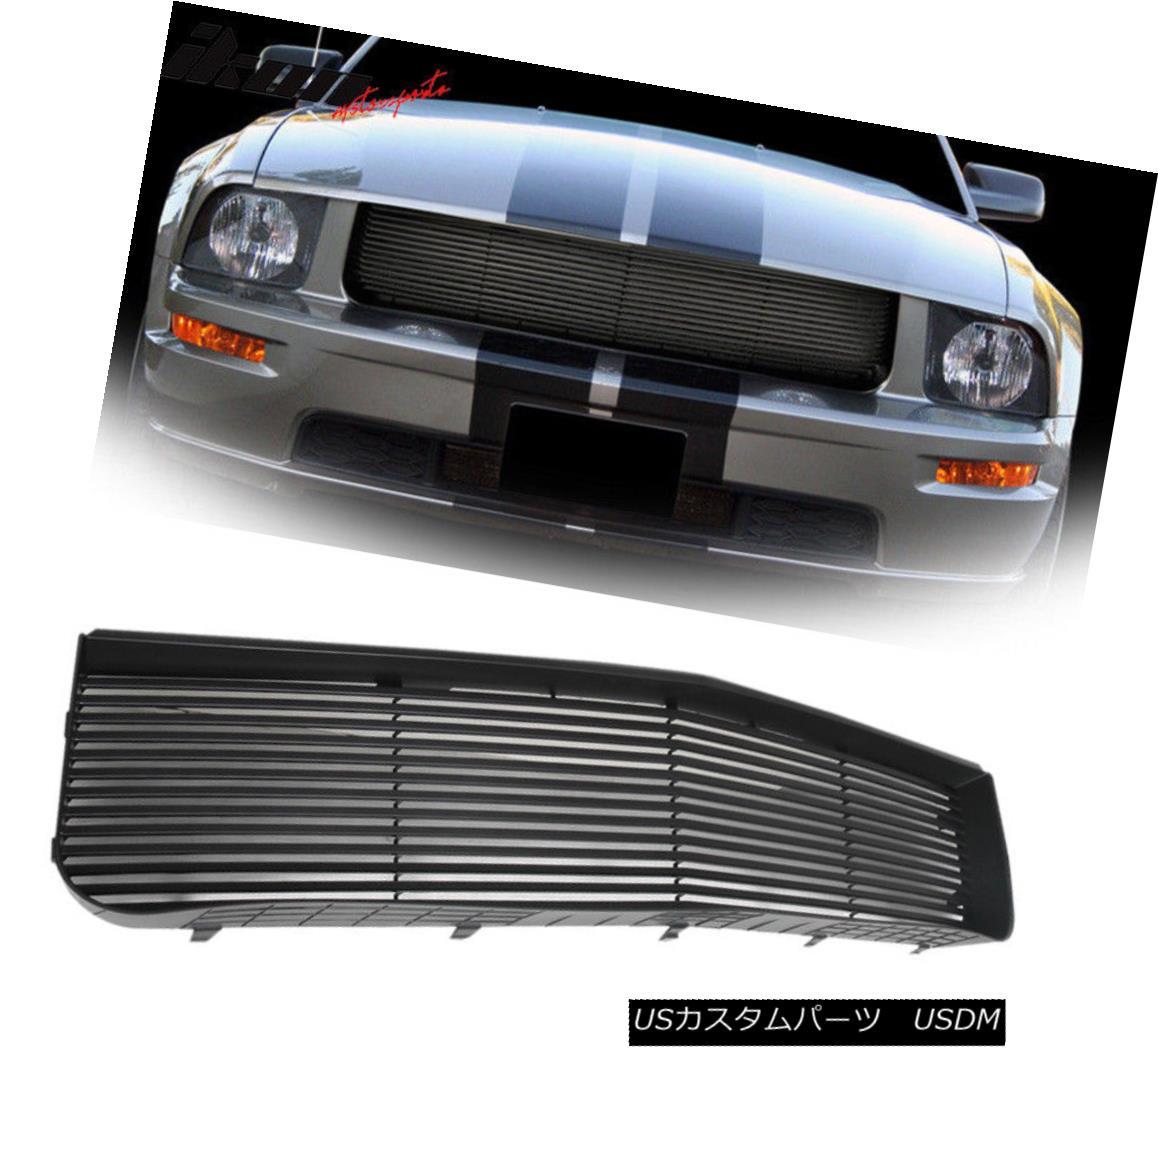 グリル Fits 05-09 Ford Mustang V6 Black ABS Hood Grille Grill 1Pc フィット05-09フォードマスタングV6ブラックABSフードグリルグリル1PC